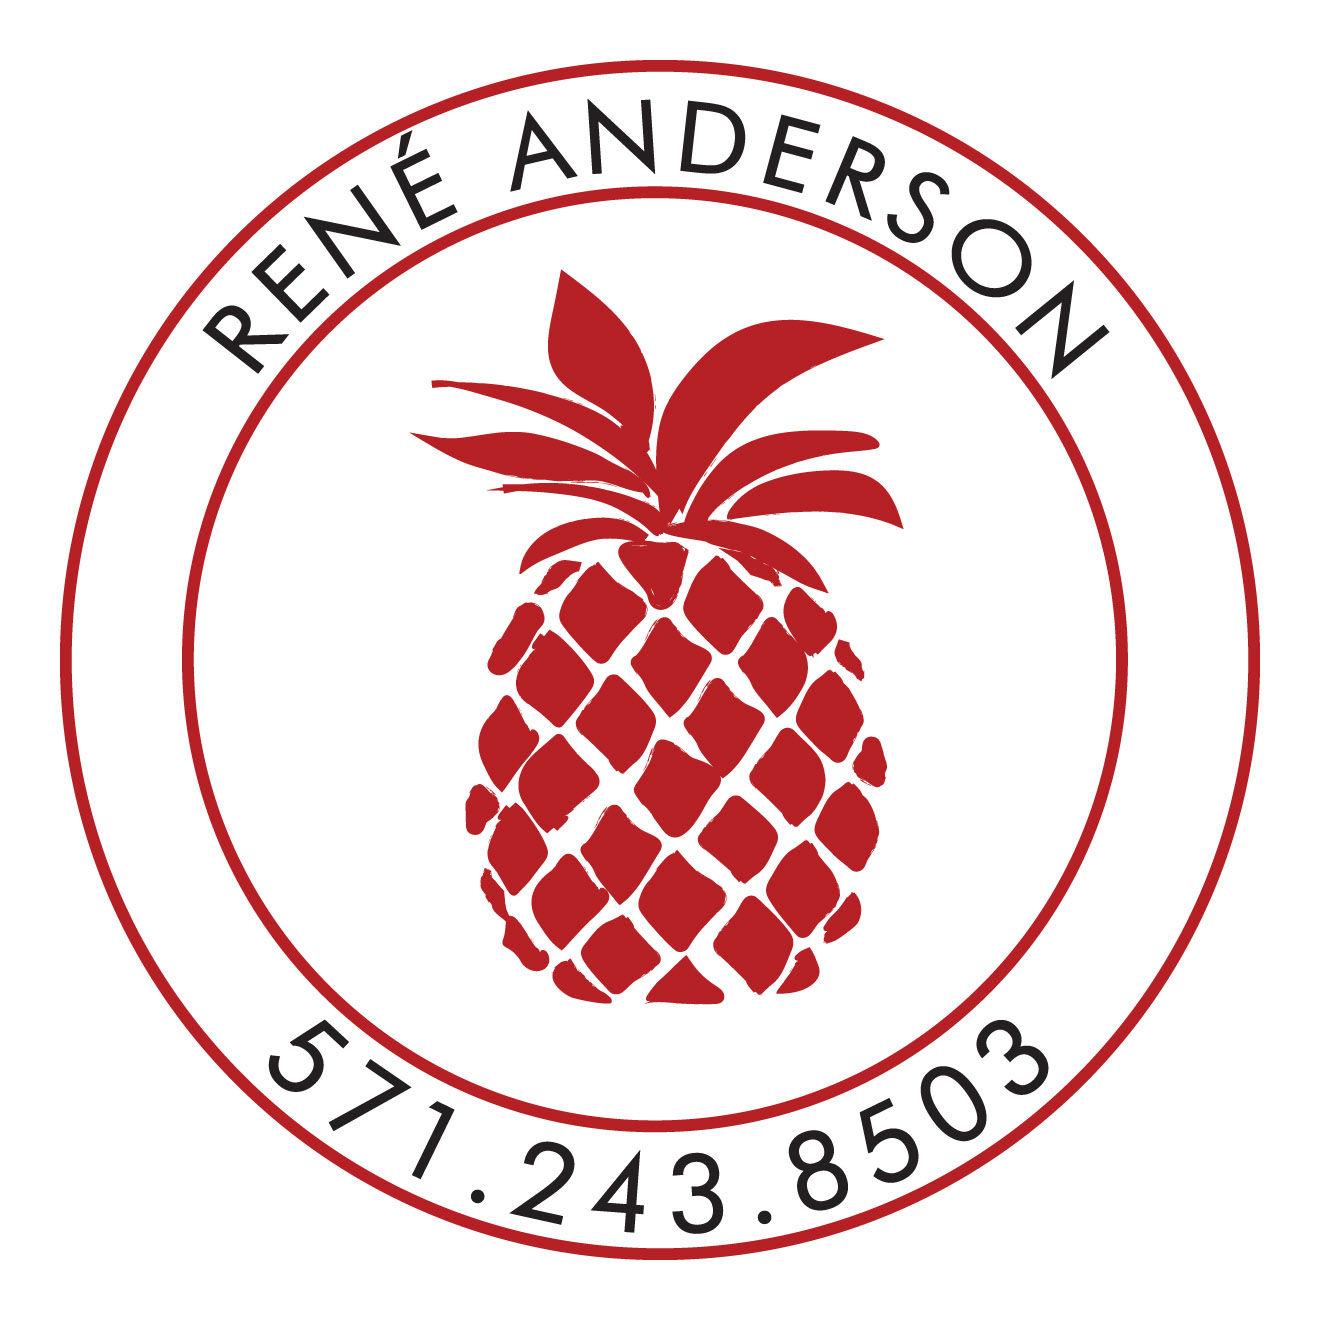 René Anderson